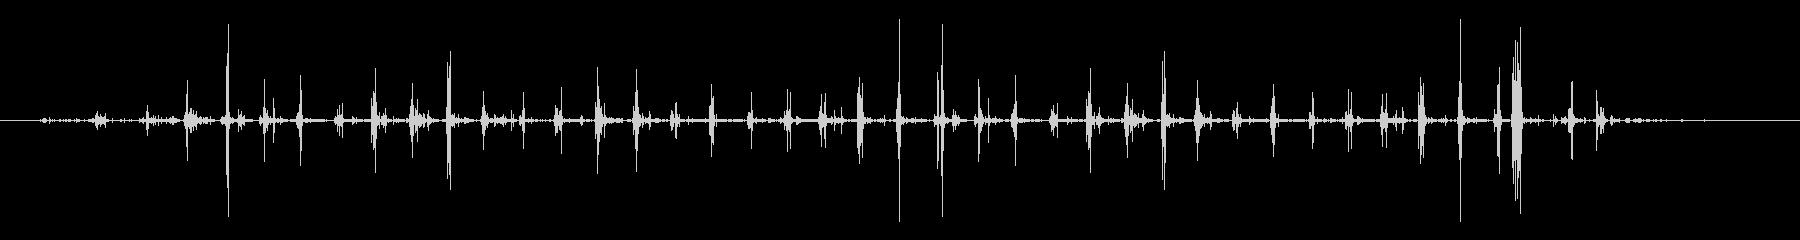 フットステプス、素晴らしく、速い;...の未再生の波形